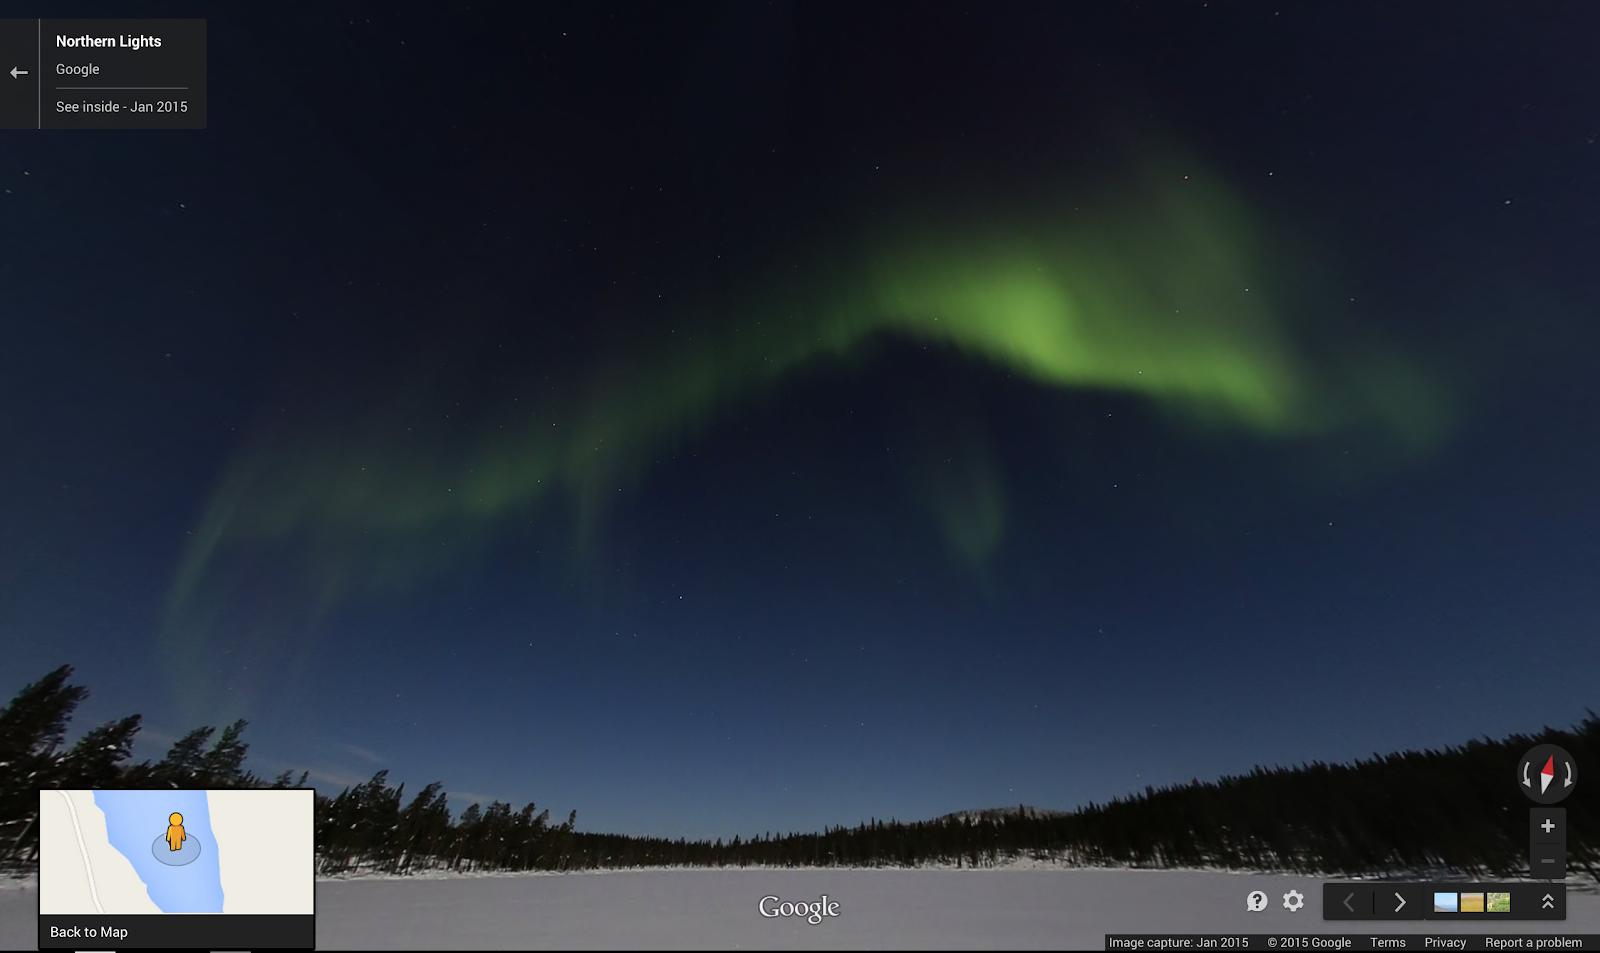 Screenshot 2015-01-12 at 11.13.22 AM.png